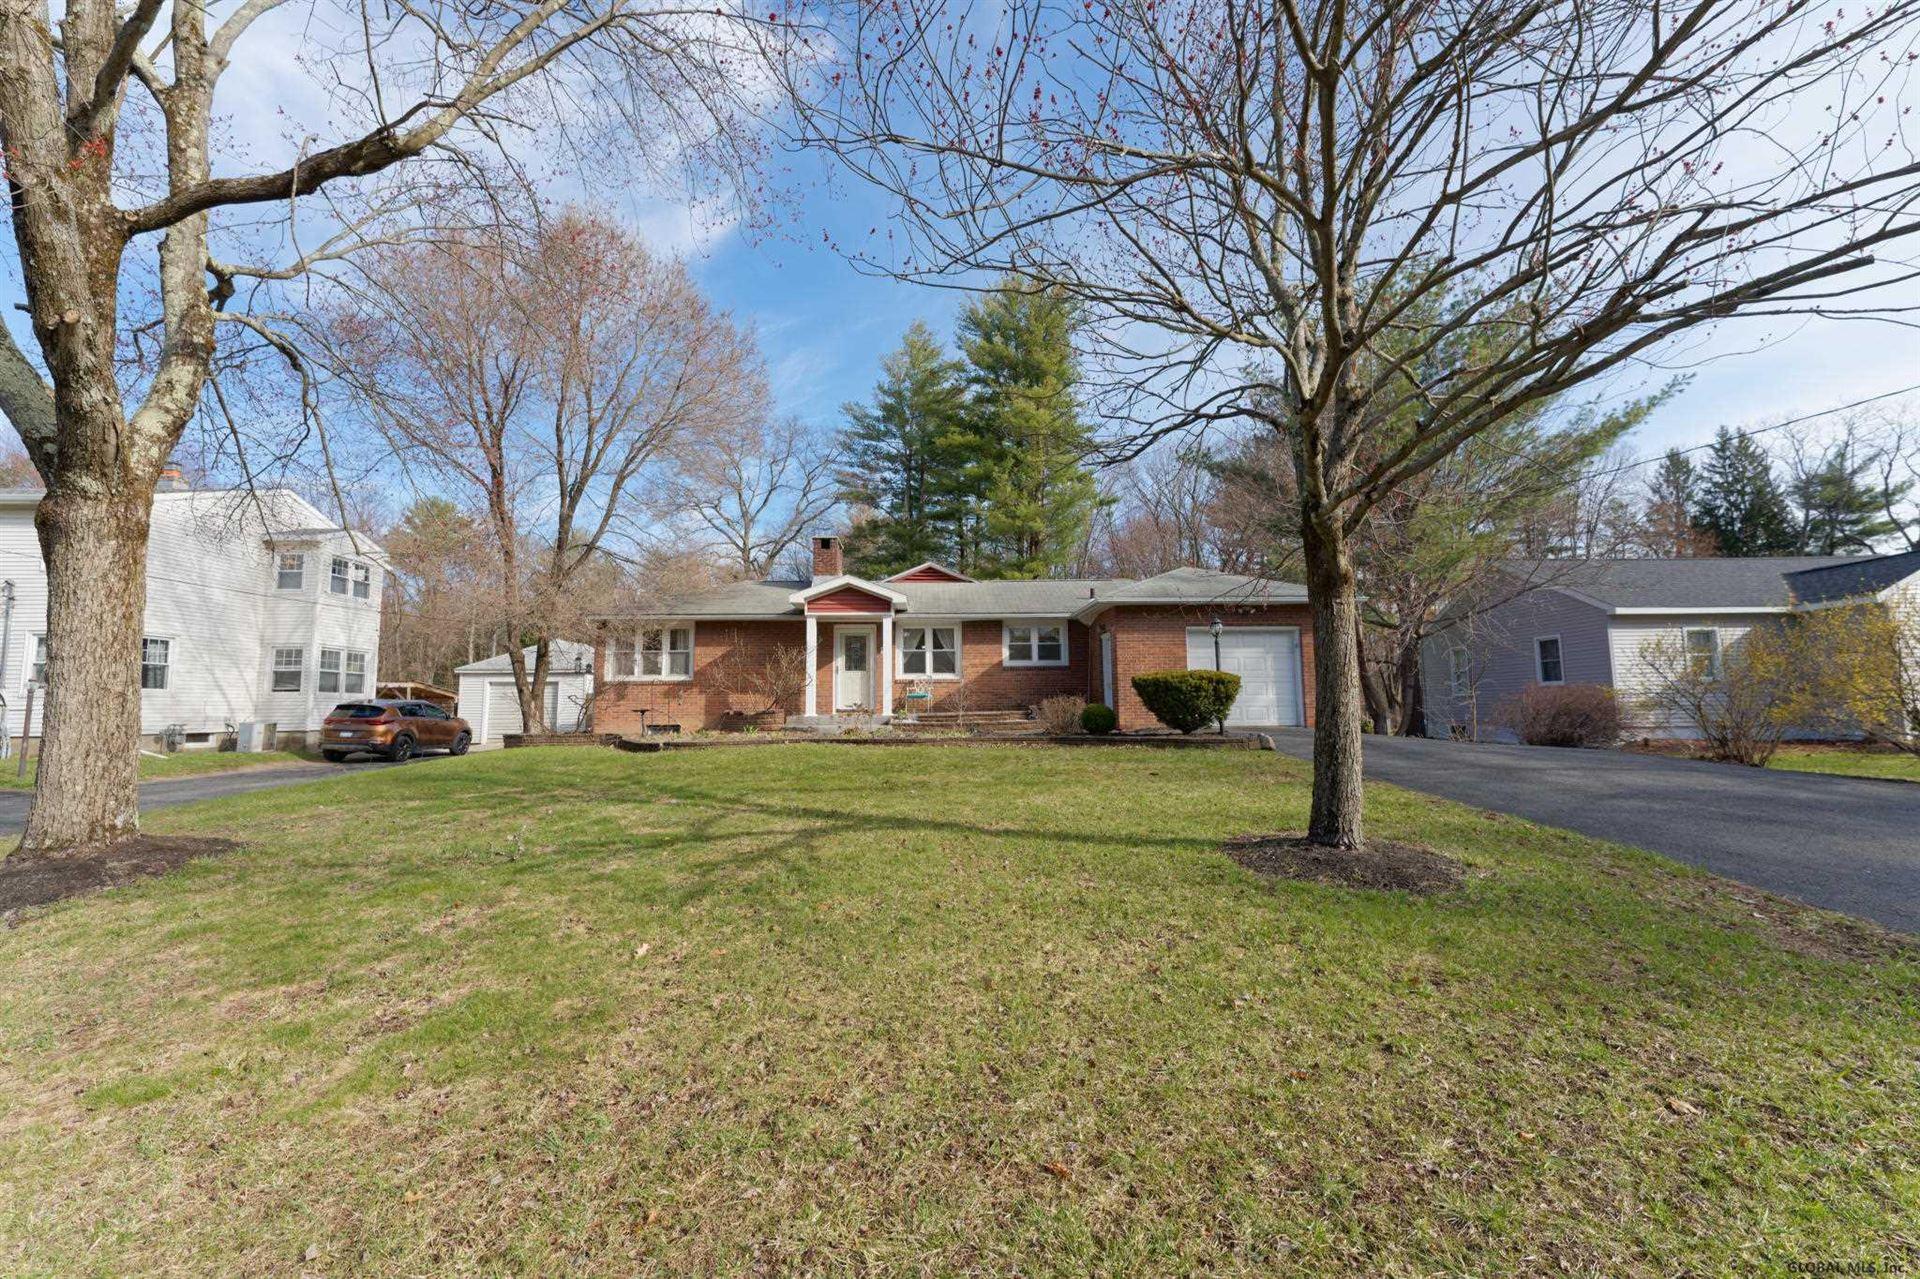 9 NEW SHAKER RD, Colonie, NY 12205-3615 - #: 202115453